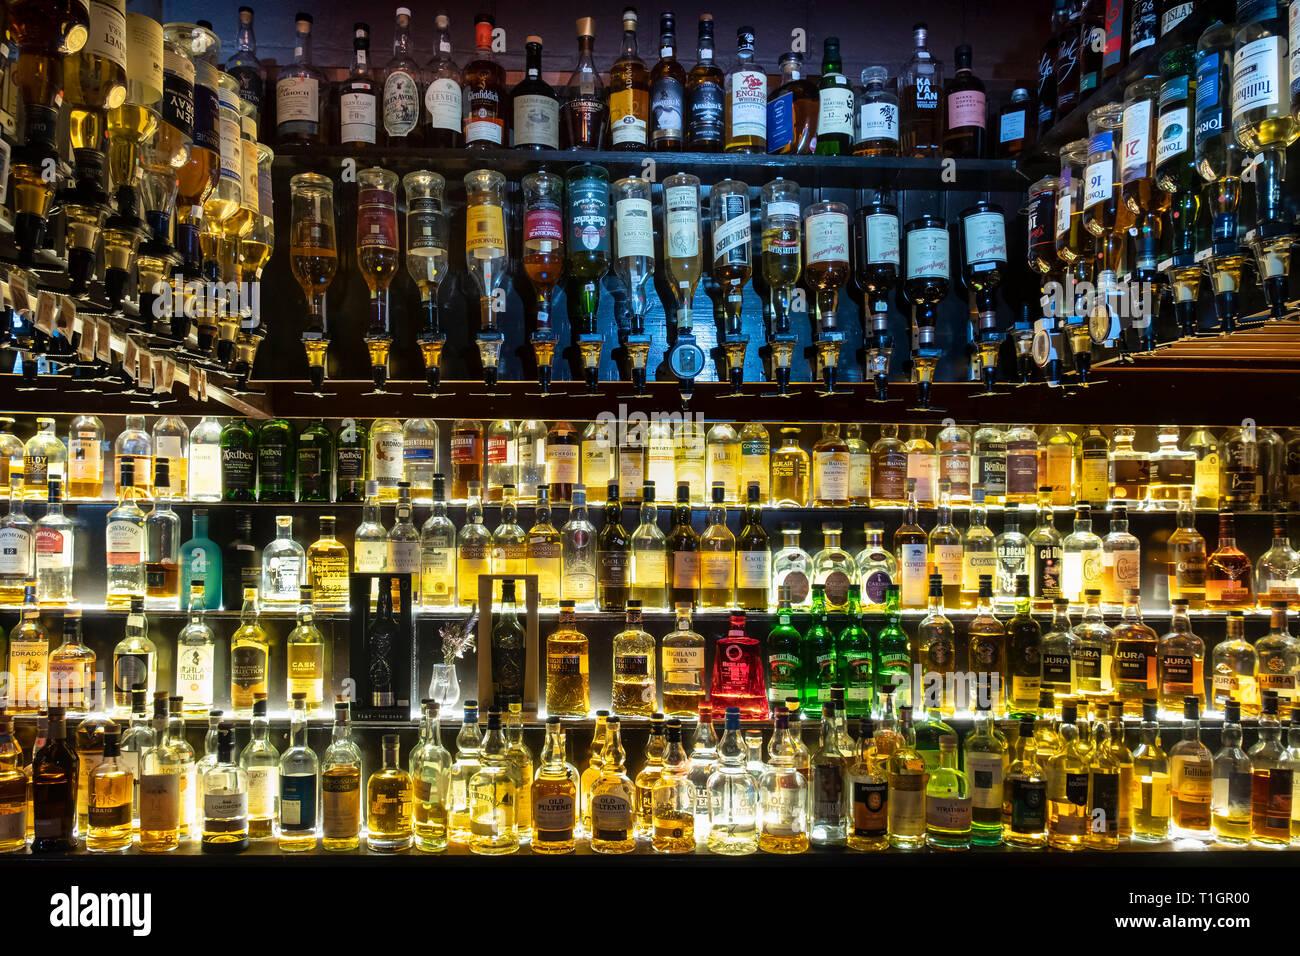 Une grande sélection de whiskies écossais illuminé sur étagères en verre et en optique, Ecosse Photo Stock